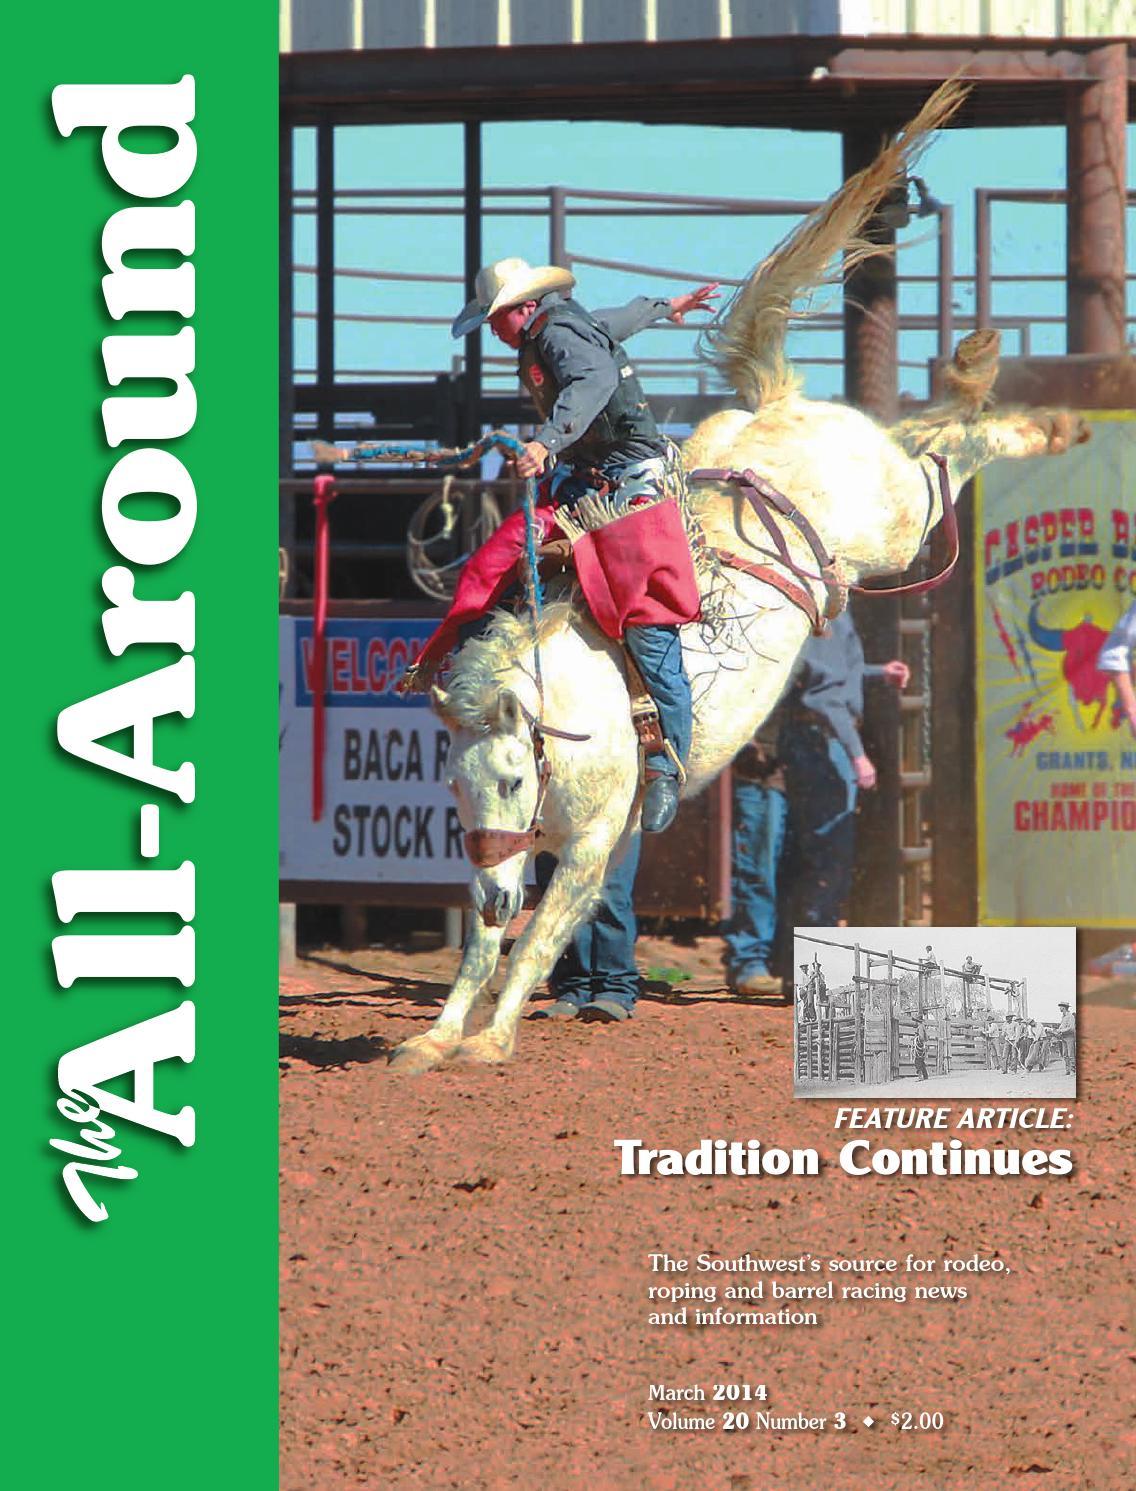 All Around-Mar 2014 by Western Sports Publishing - issuu 4d15c5bddb0